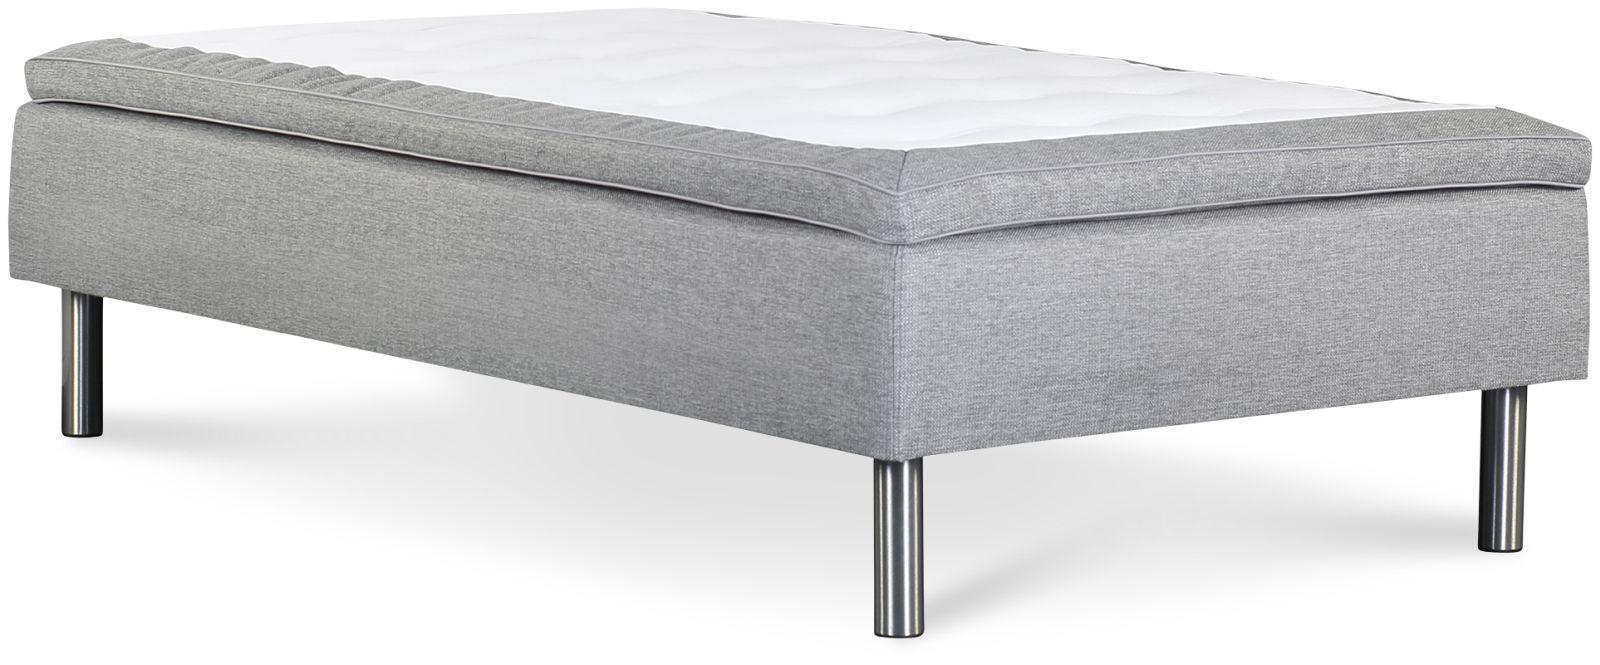 Łóżko Iceland 120x200 (jasny szary)